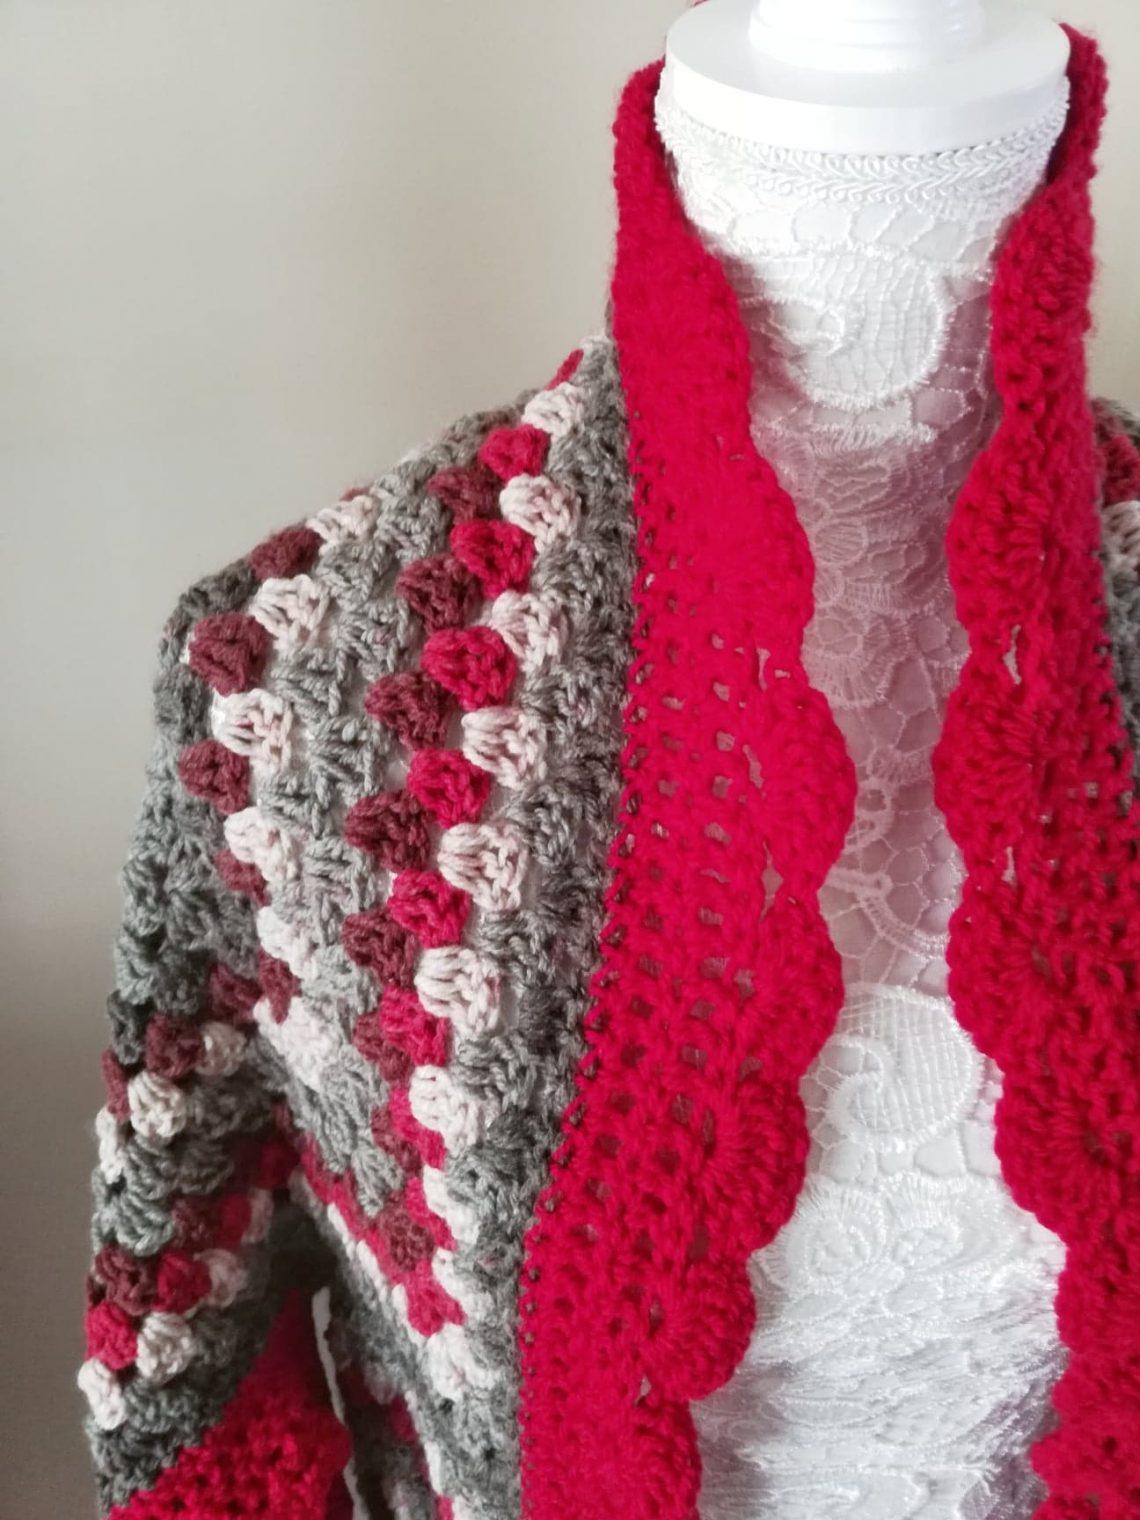 Crochet The Red Velvet Cardigan